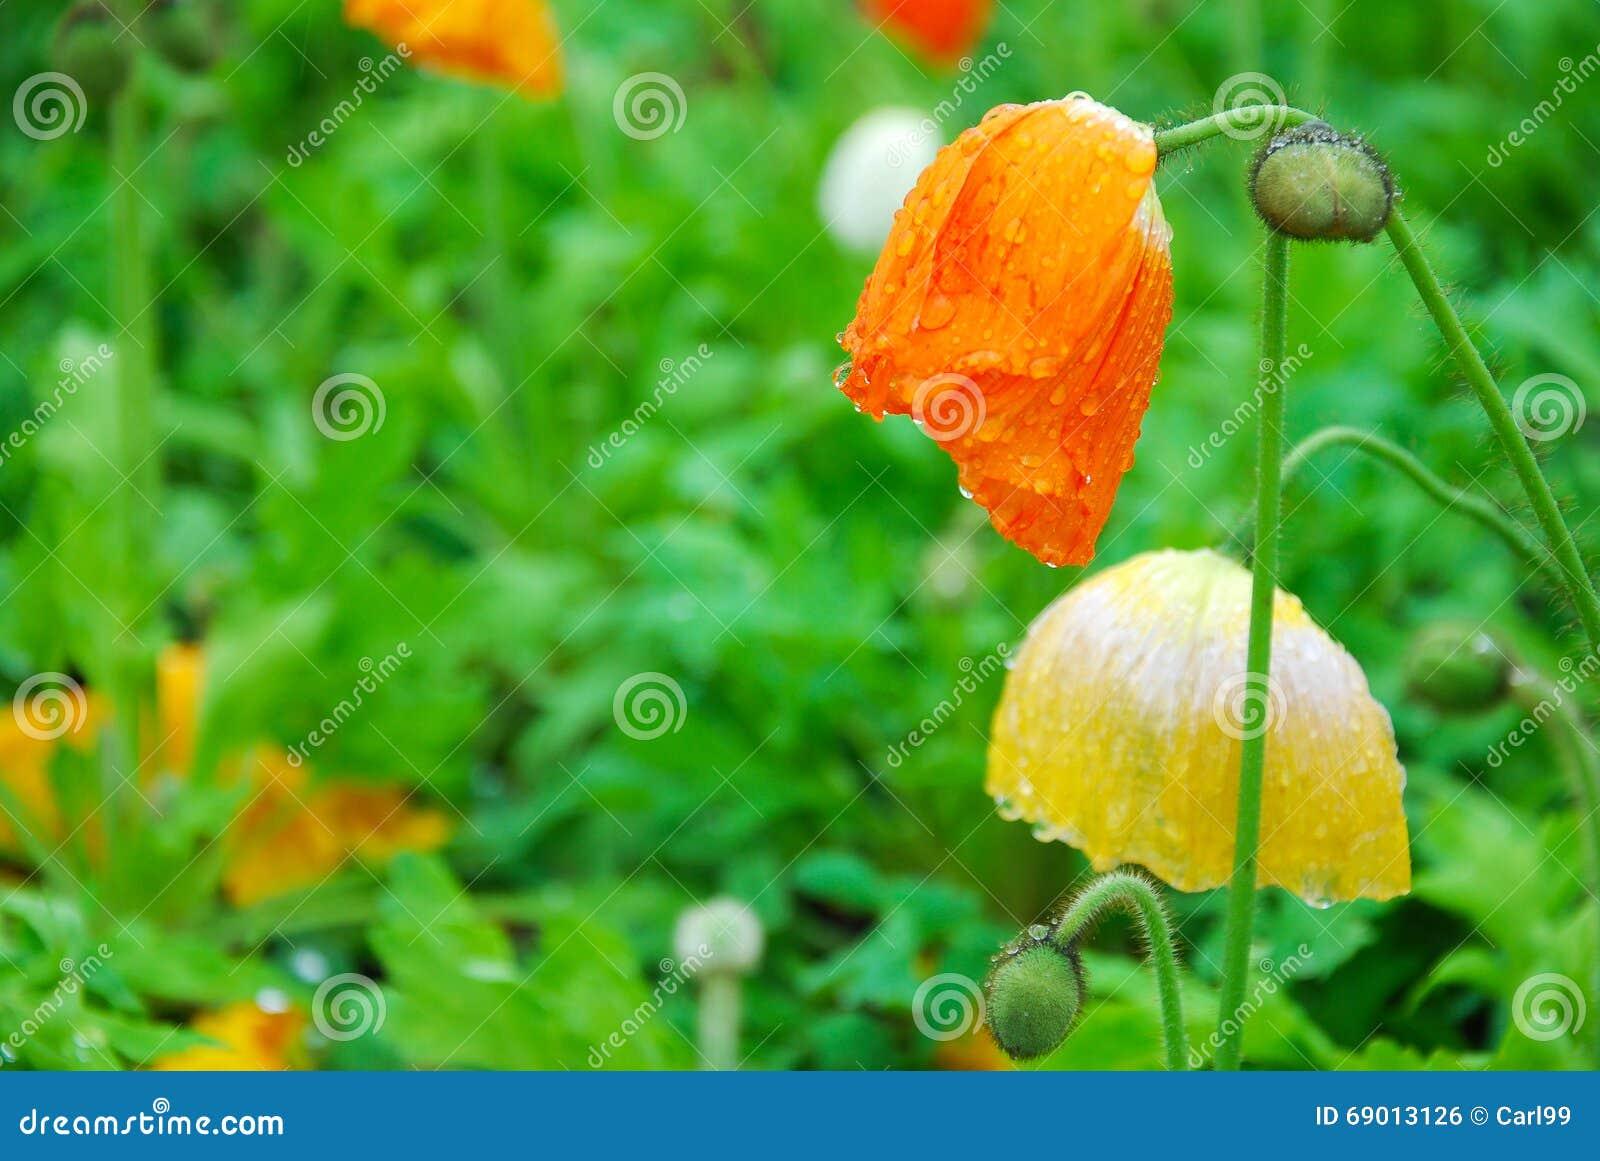 Belles fleurs de floraison de pavot de maïs